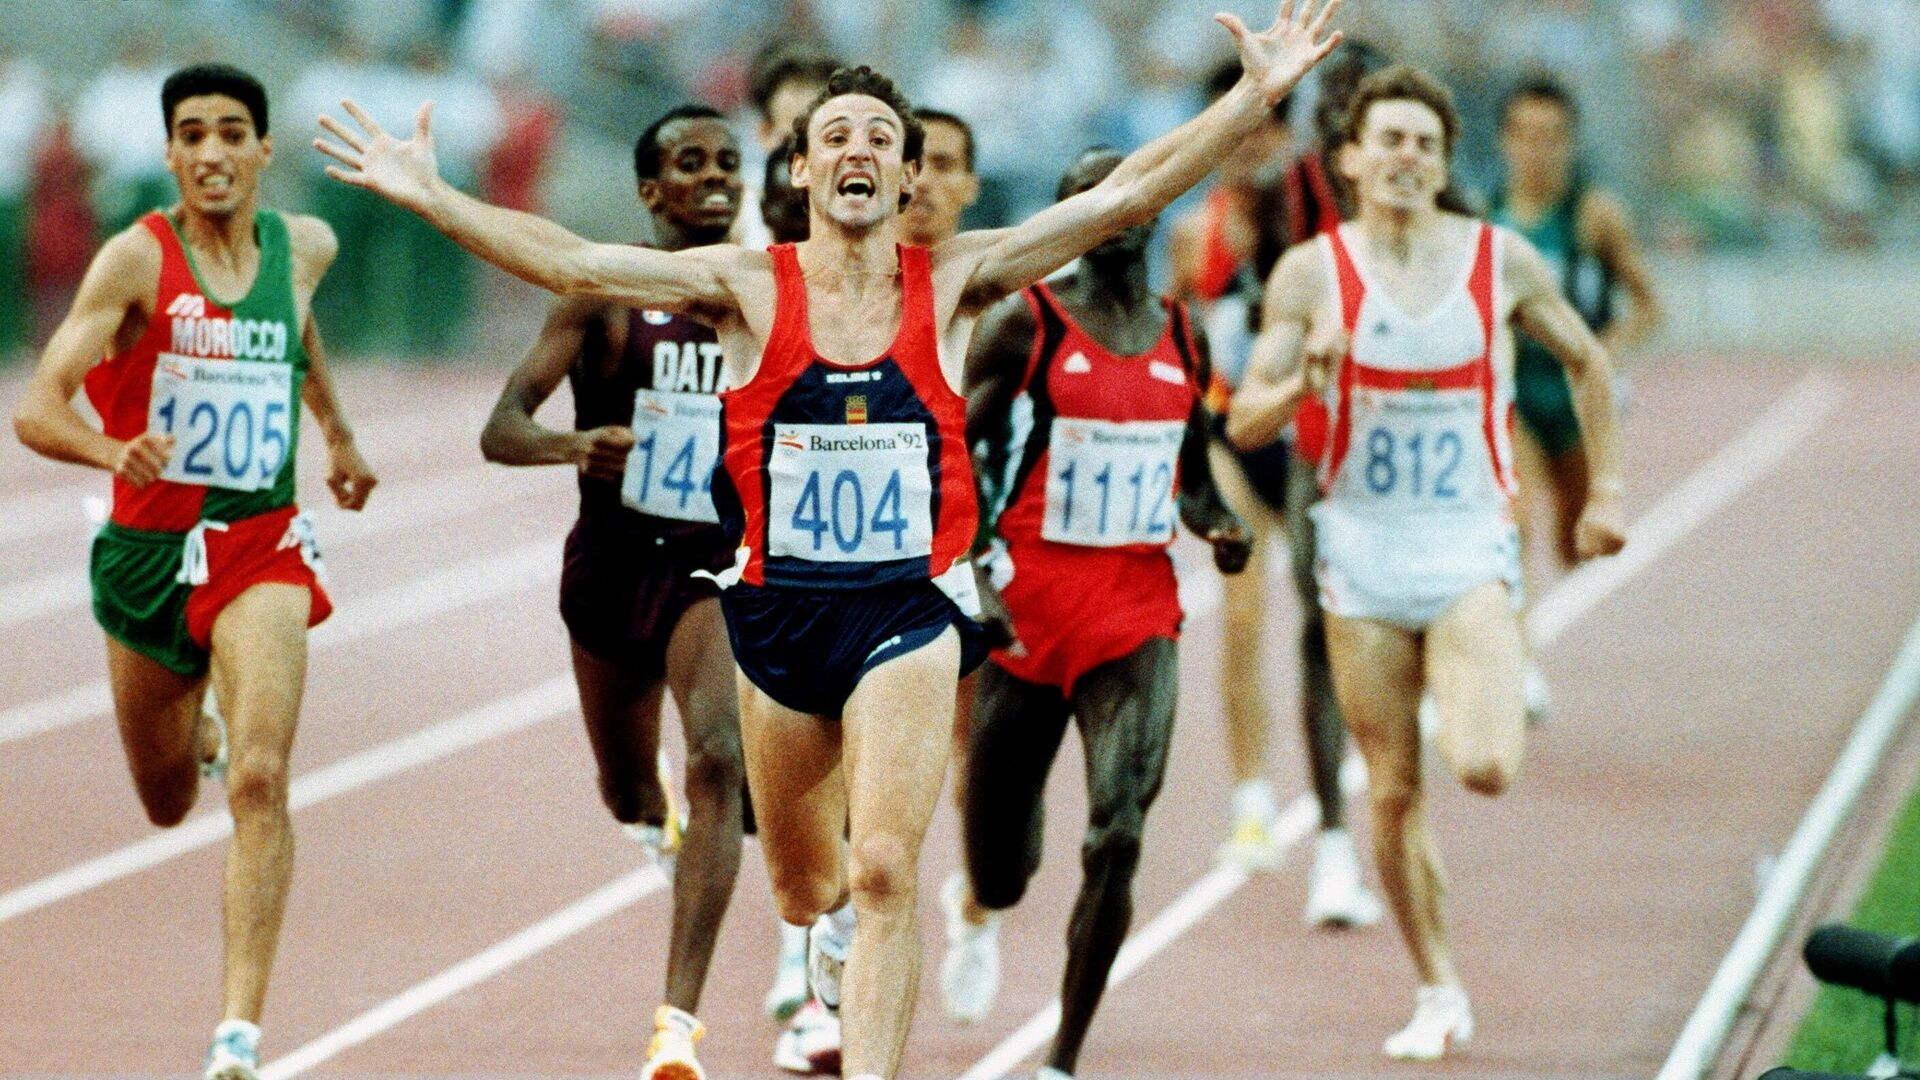 Fermín Cacho, primera medalla de oro olímpica de la historia para el atletismo español - Sputnik Mundo, 1920, 23.07.2021